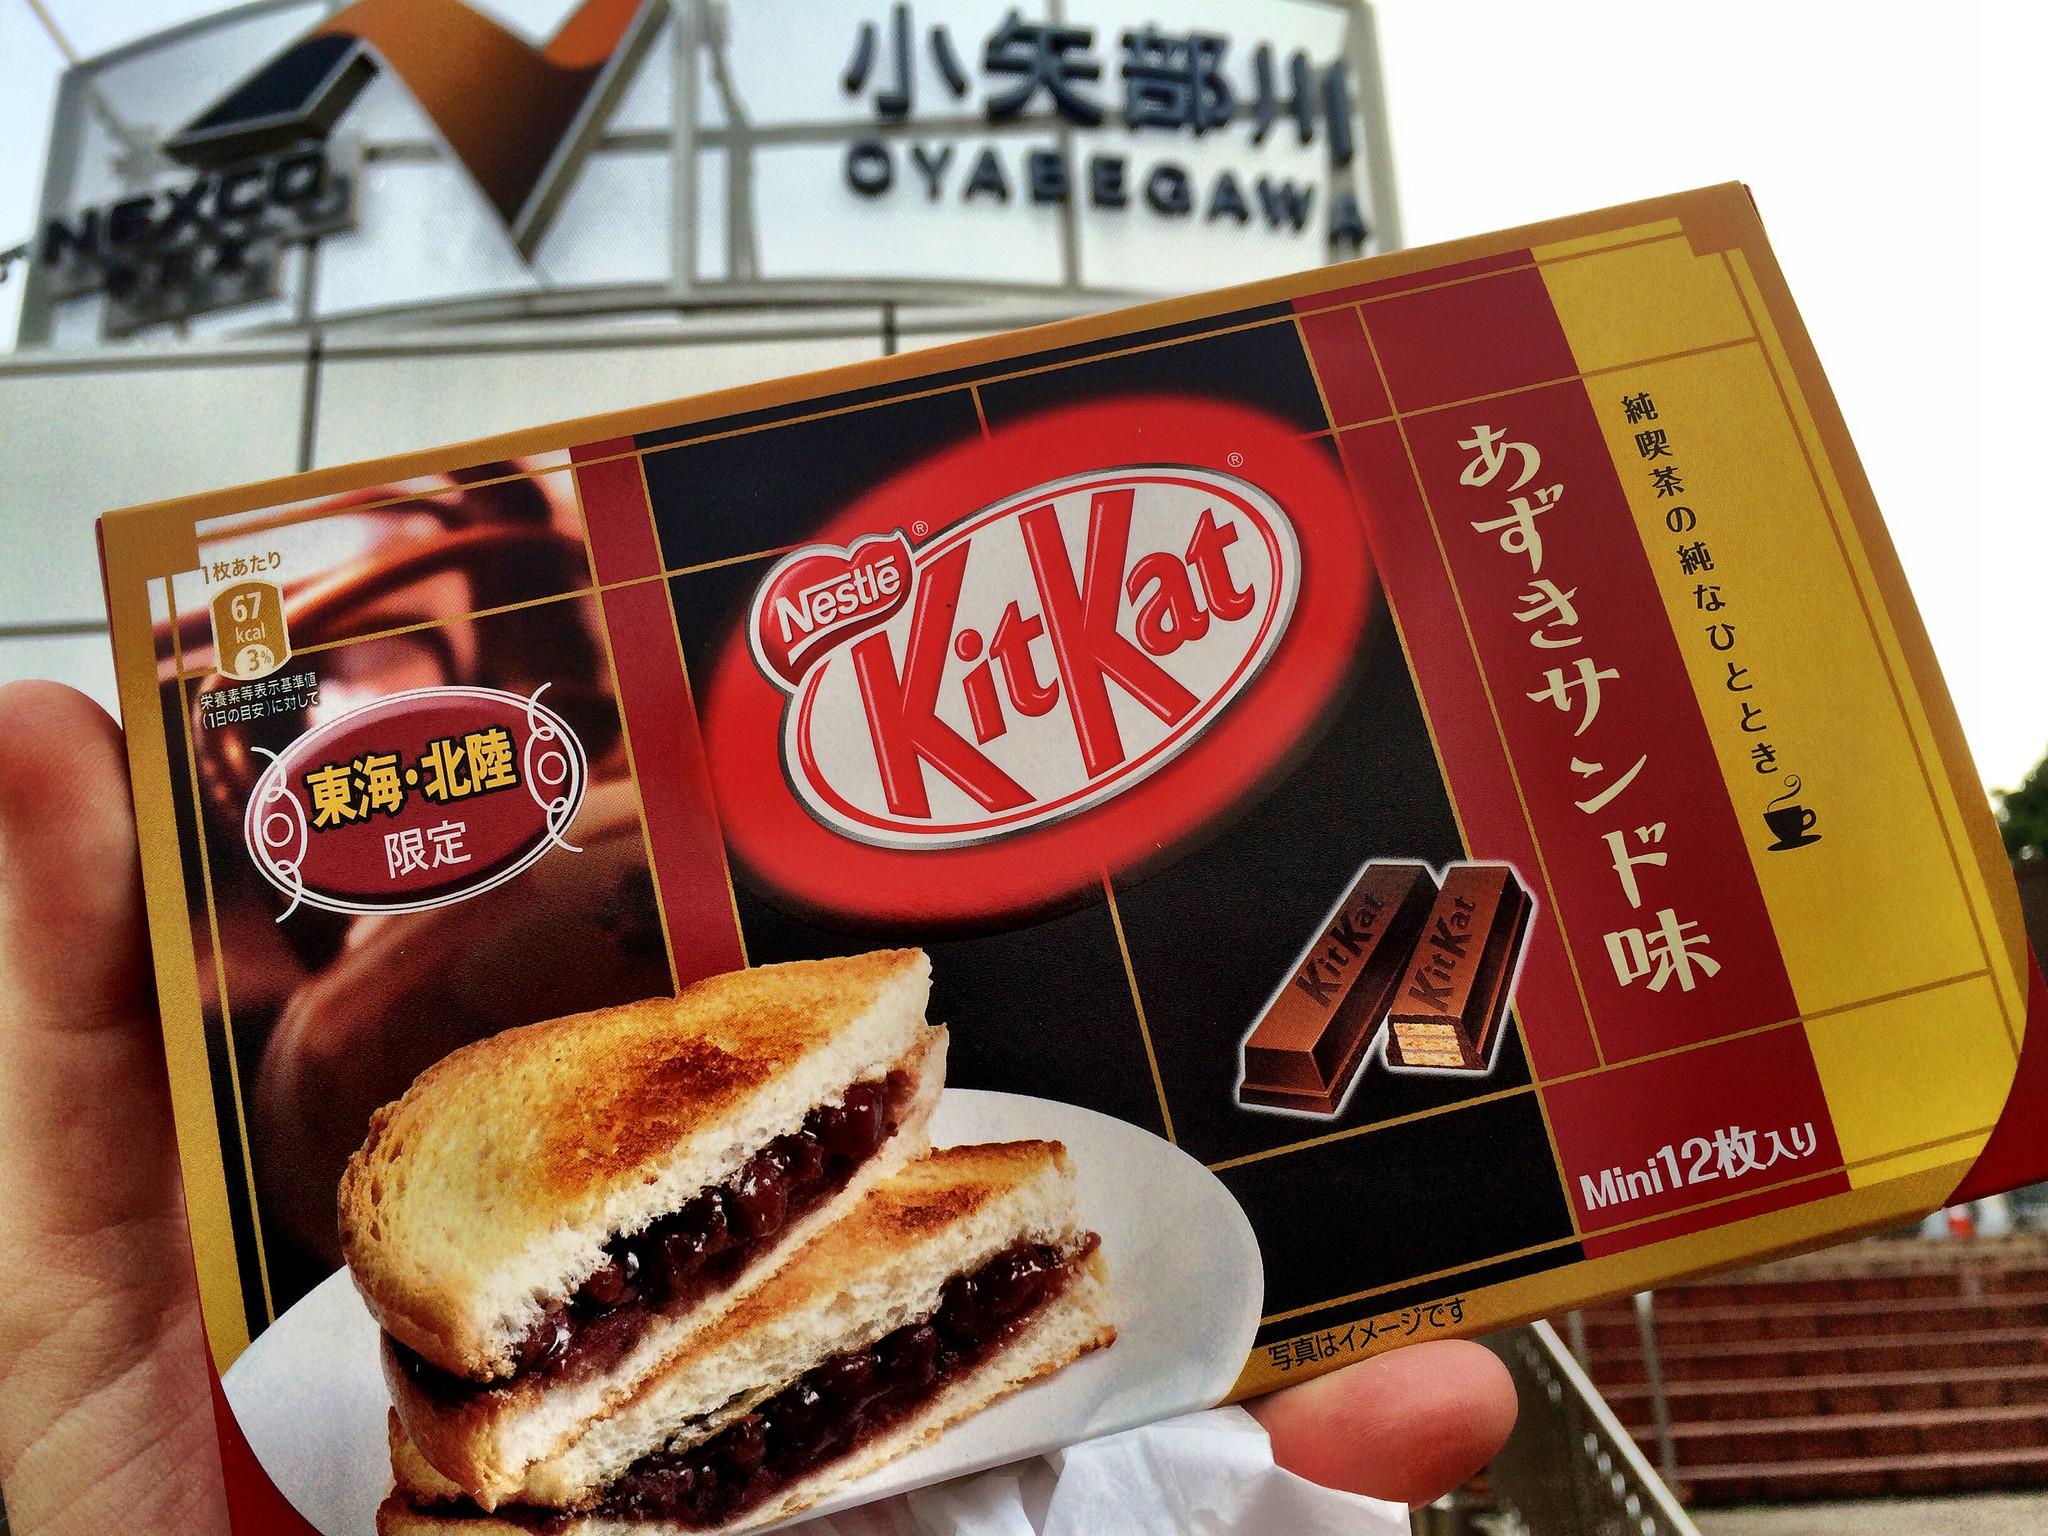 KitKat japonés y sus sabores exóticos.